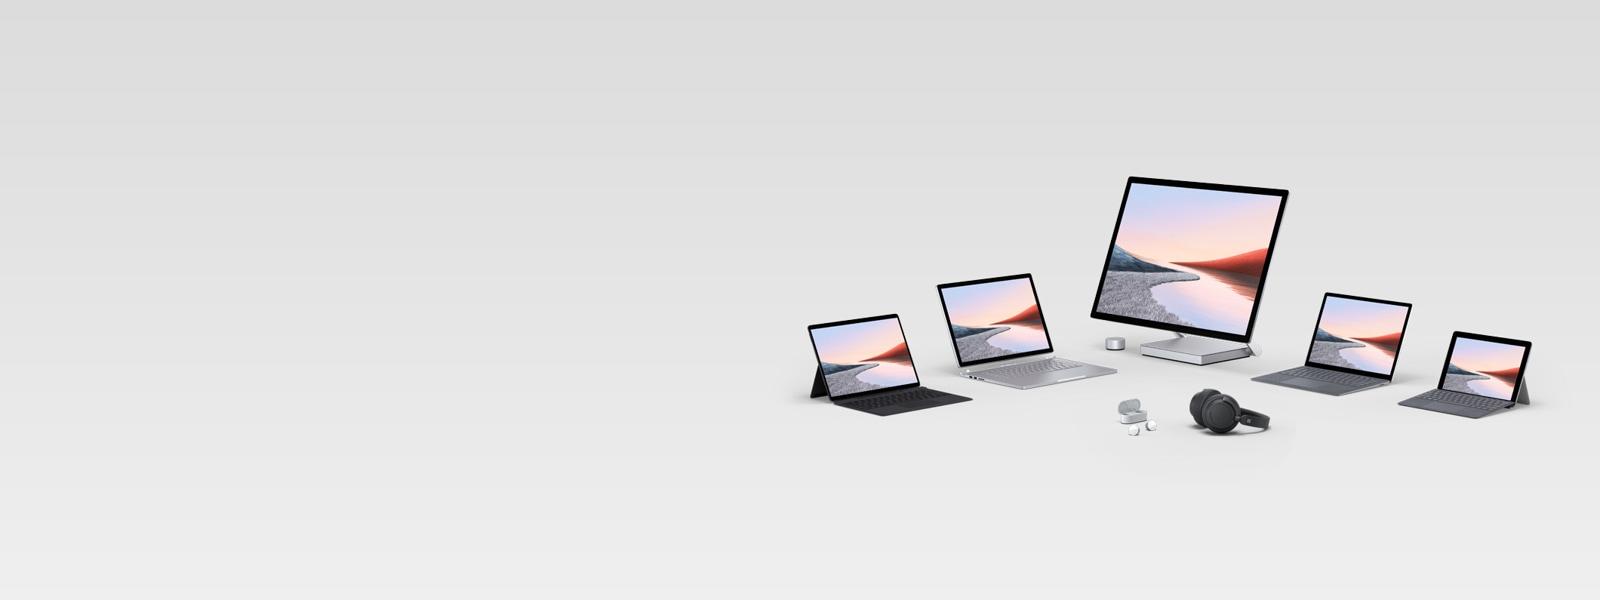 En oversikt over flere Surface-datamaskiner